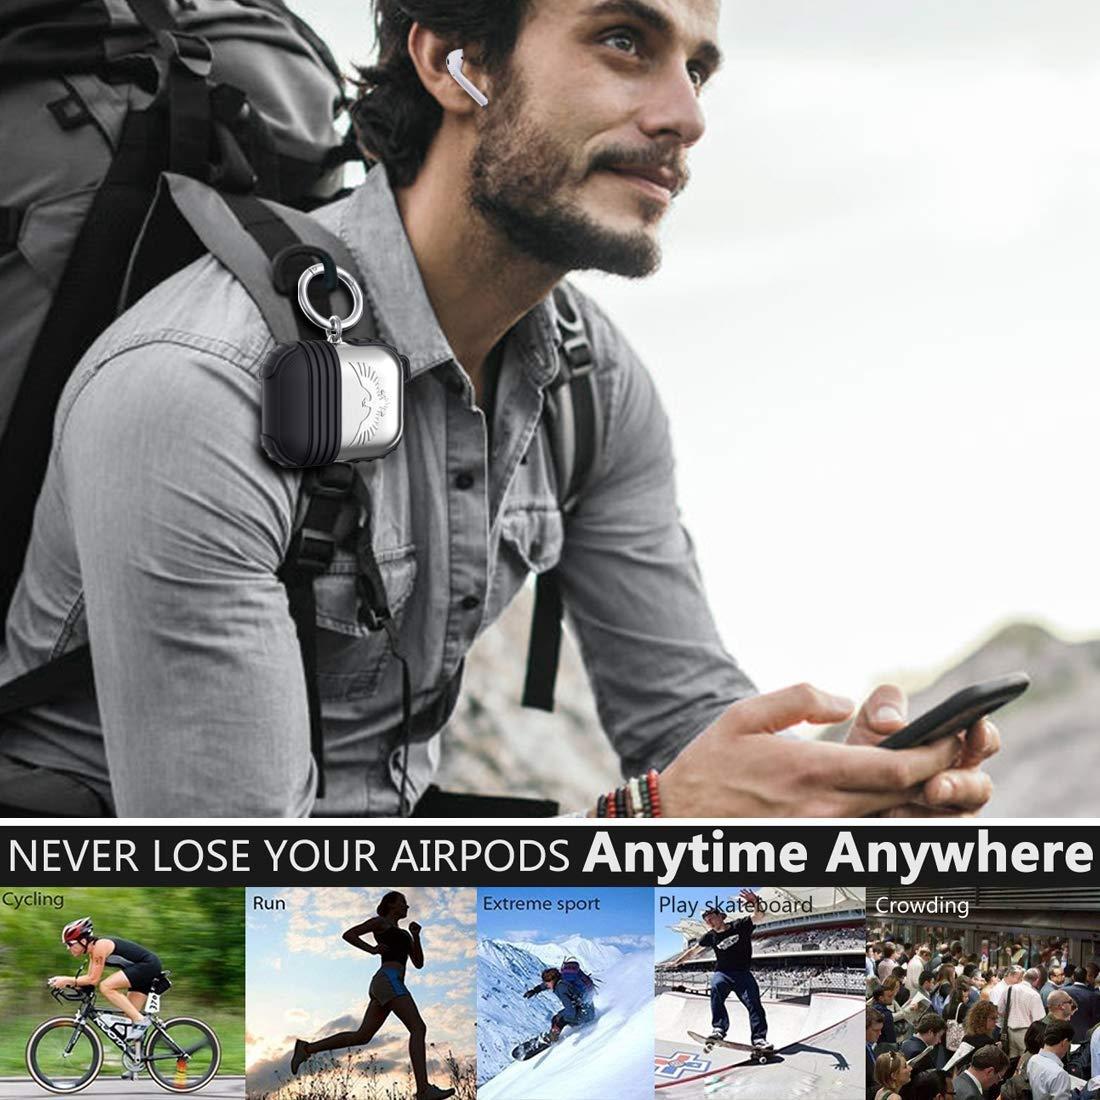 /Étui Protecteur Airpods Kppto Housse /Étanche pour Airpods Coque de Protection en Silicone Convenable /à Apple Airpods Antichoc Accessoire